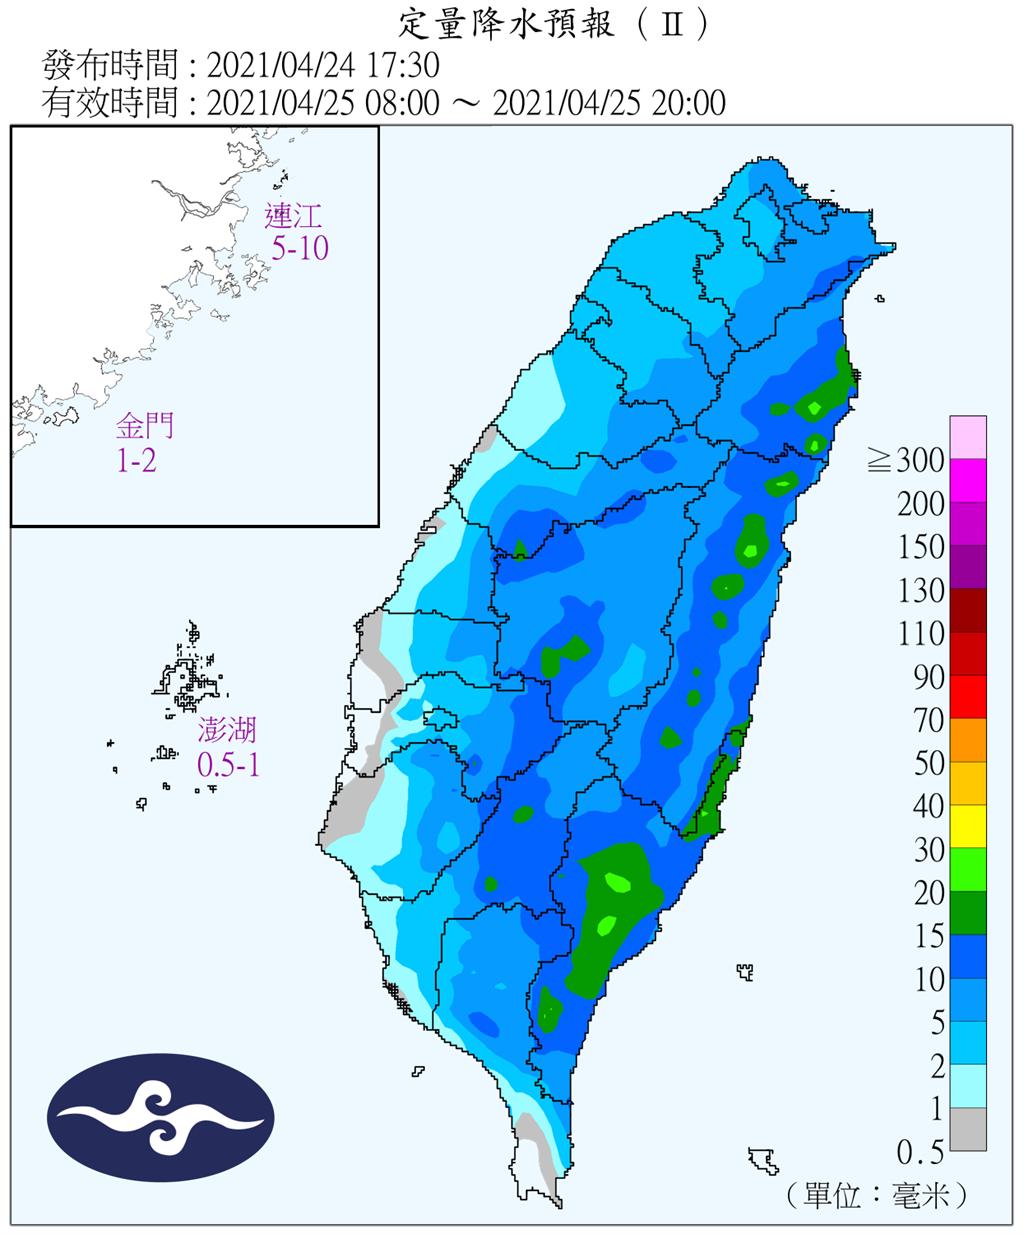 彭啟明指出,華南雲雨帶約在周六晚上開始通過台灣,各地雲量變多、降雨機會提高,預測周日全台都會有短暫雨機會。(氣象局提供)